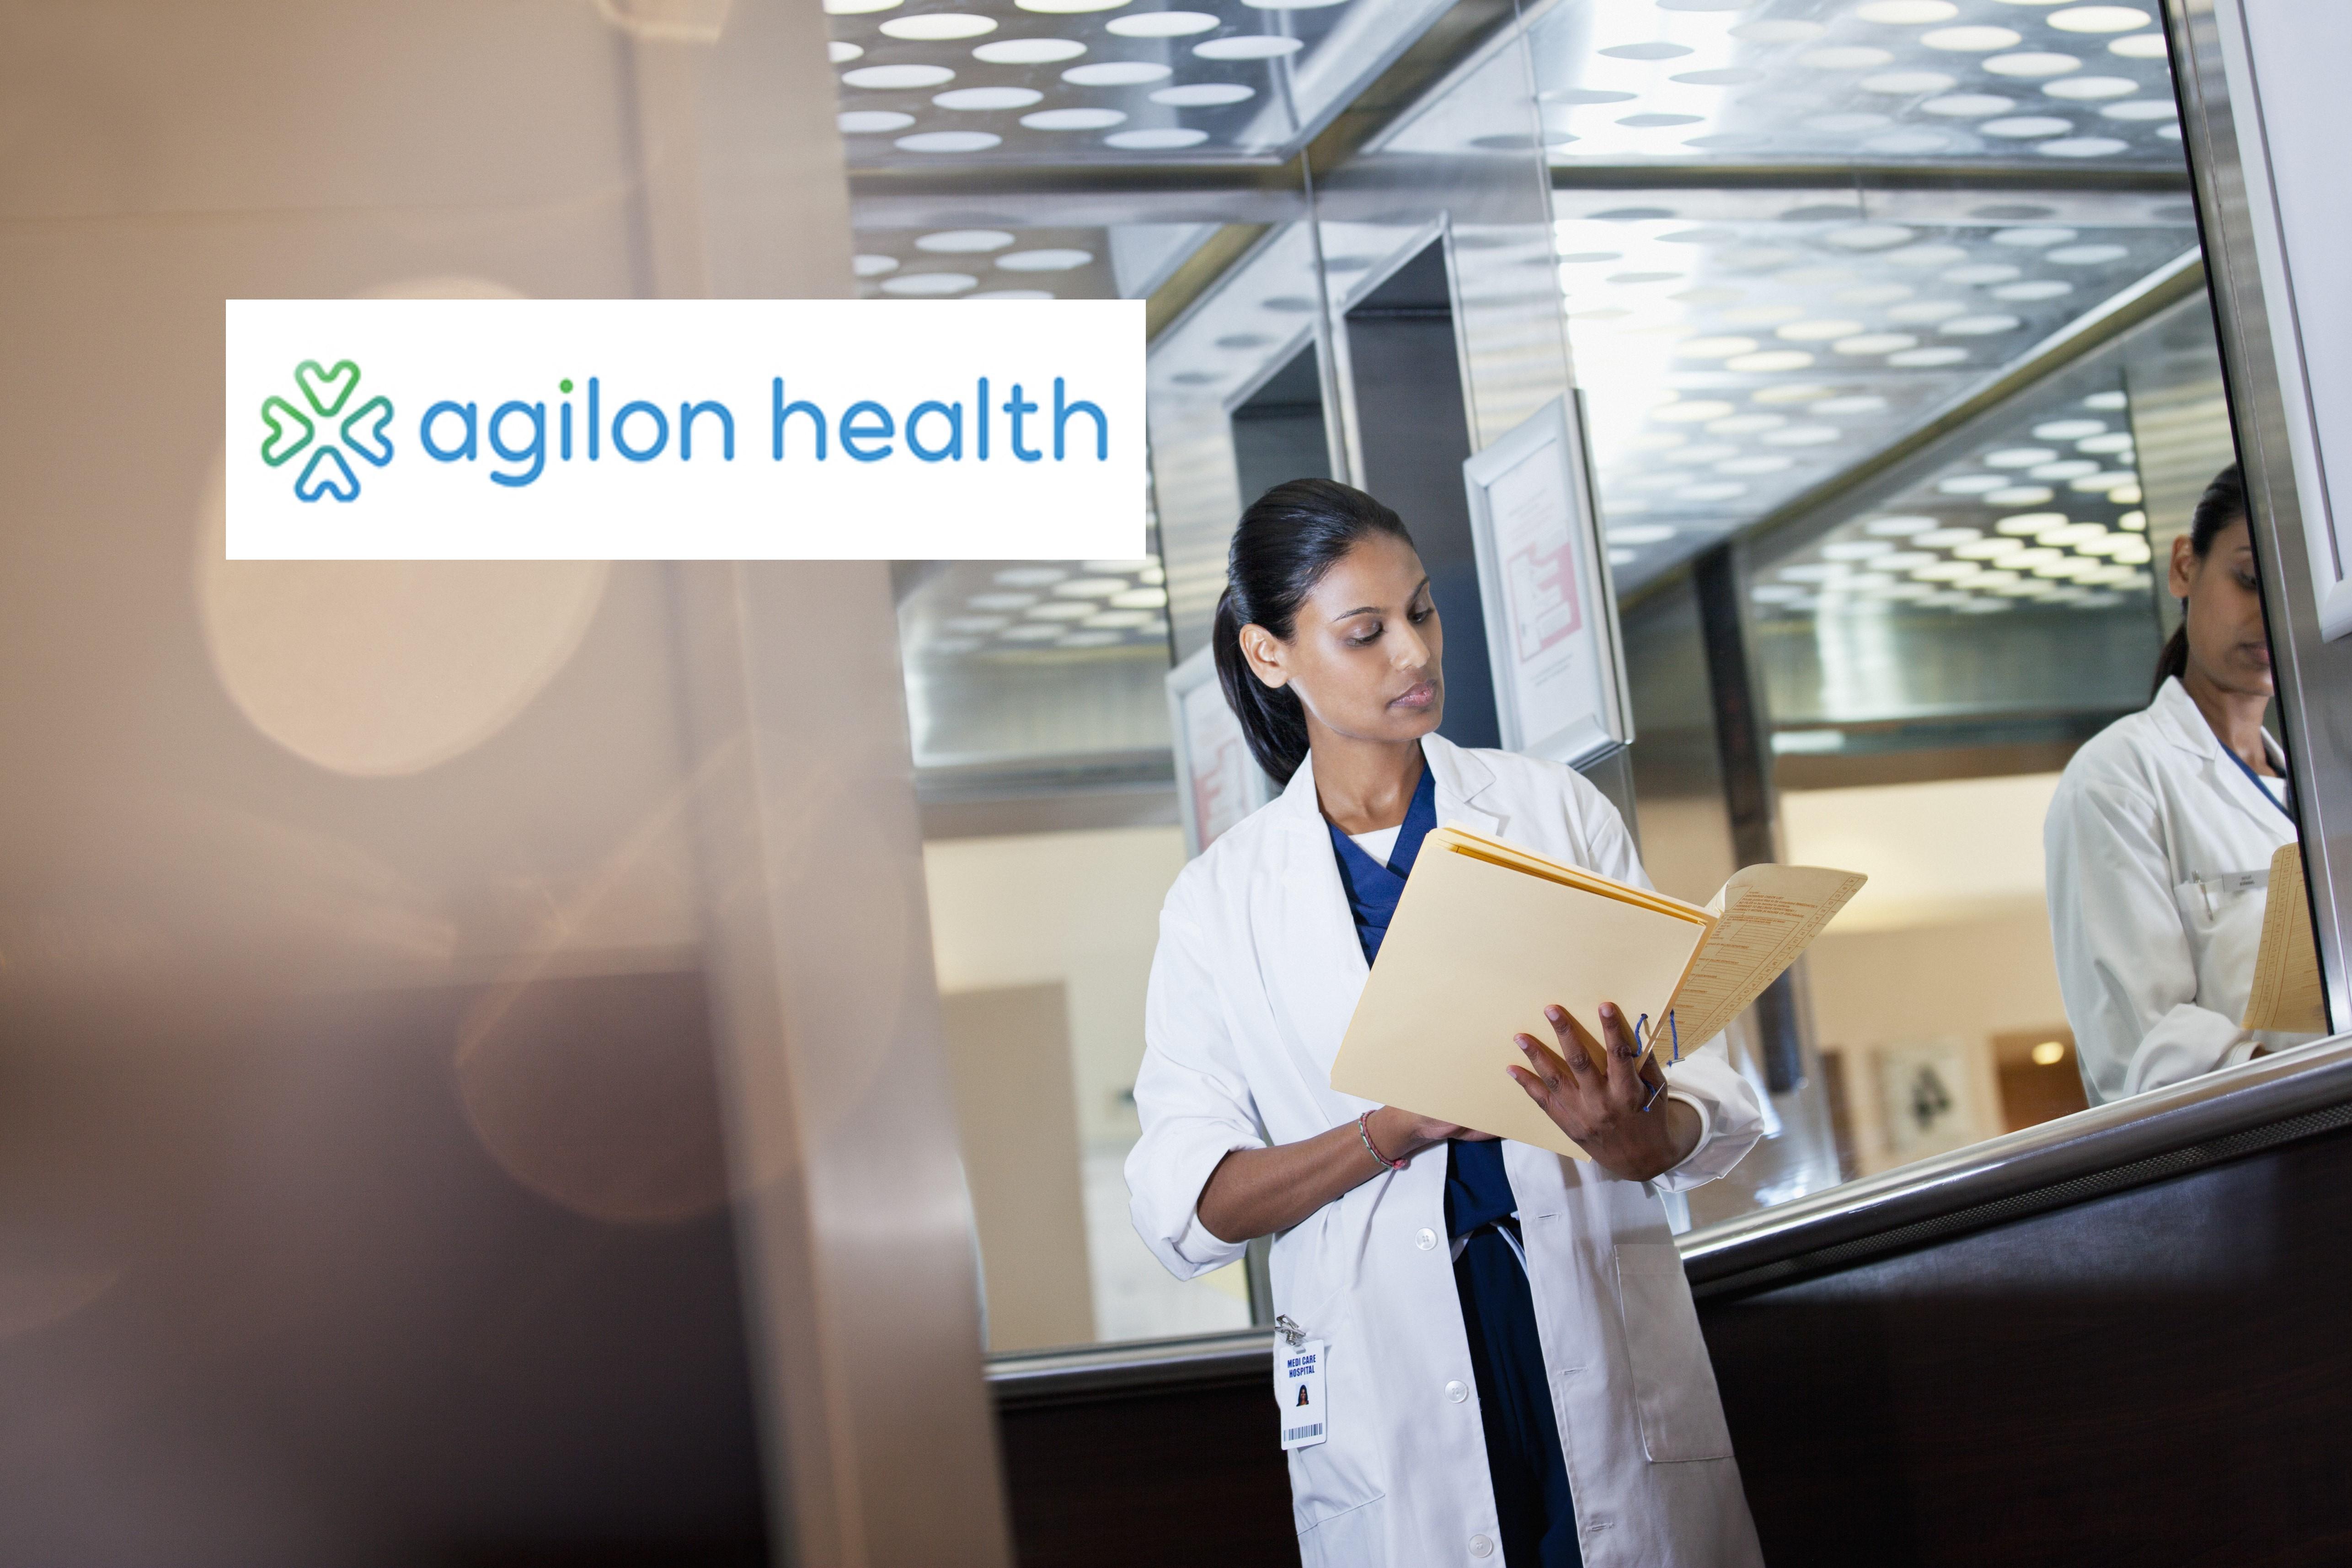 Agilon Health logo over physician